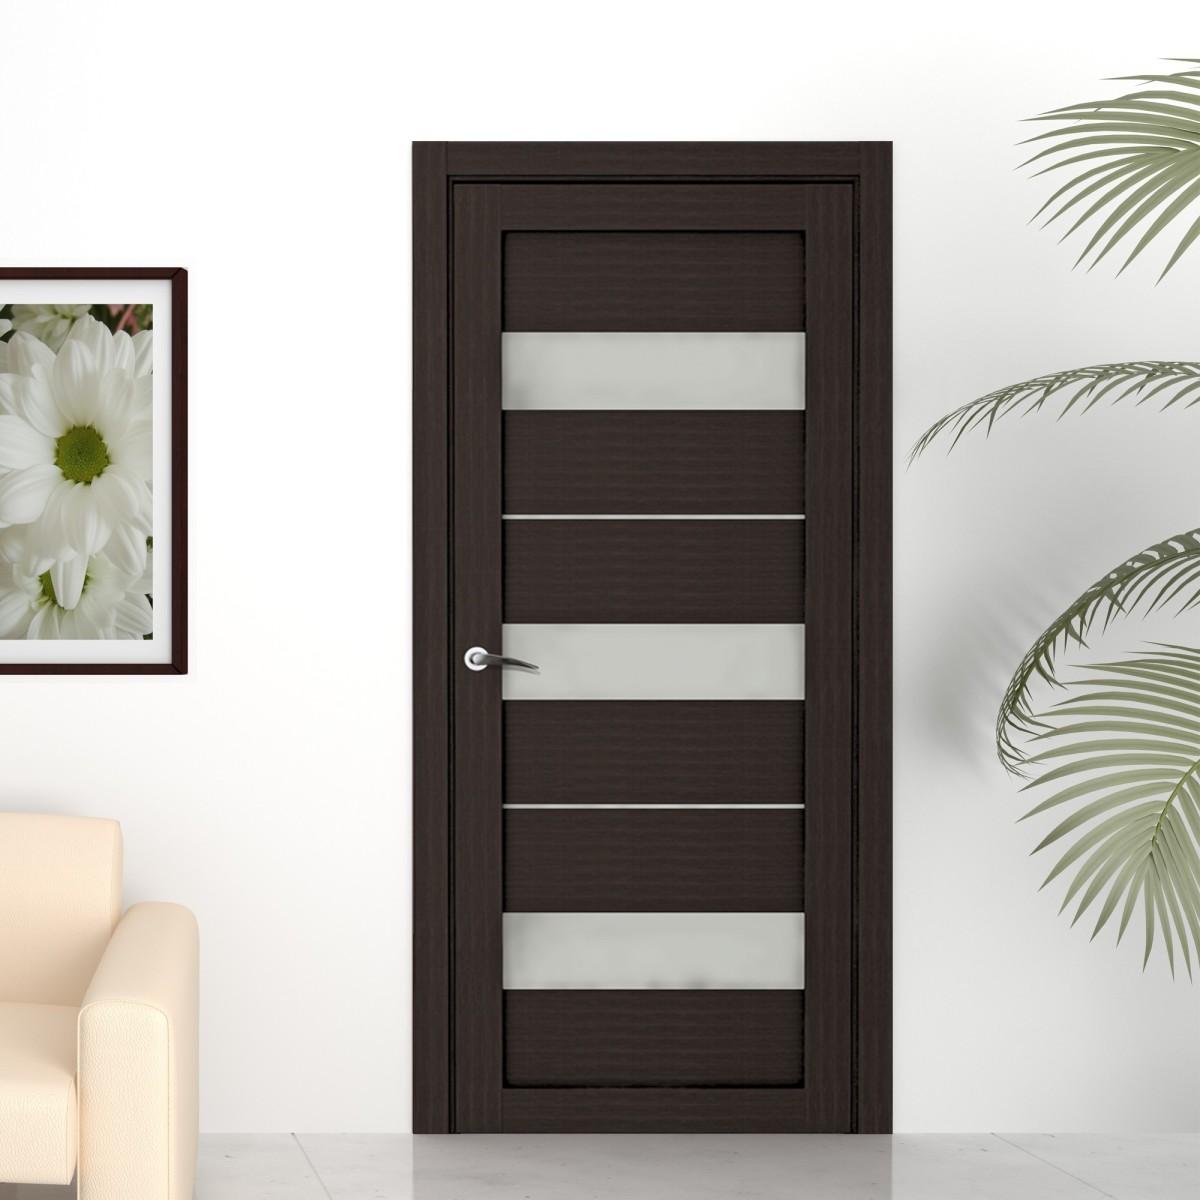 Дверь межкомнатная остеклённая «Сабрина» 200х60 см ламинация цвет мокко с фурнитурой